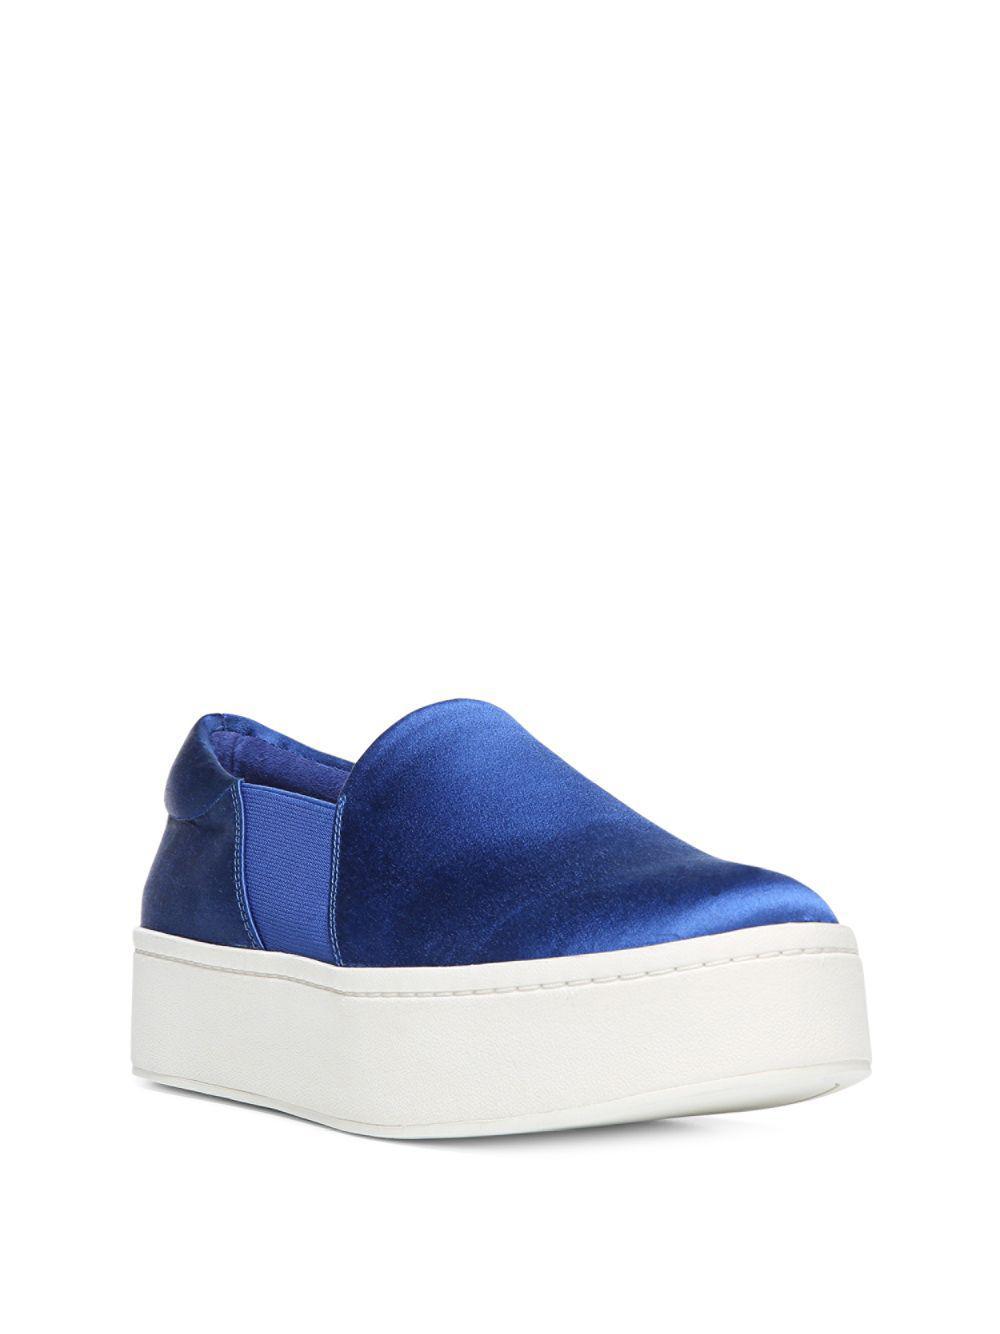 1e72567ef0c Lyst - Vince Warren Satin Platform Skate Sneakers in Blue - Save 41%